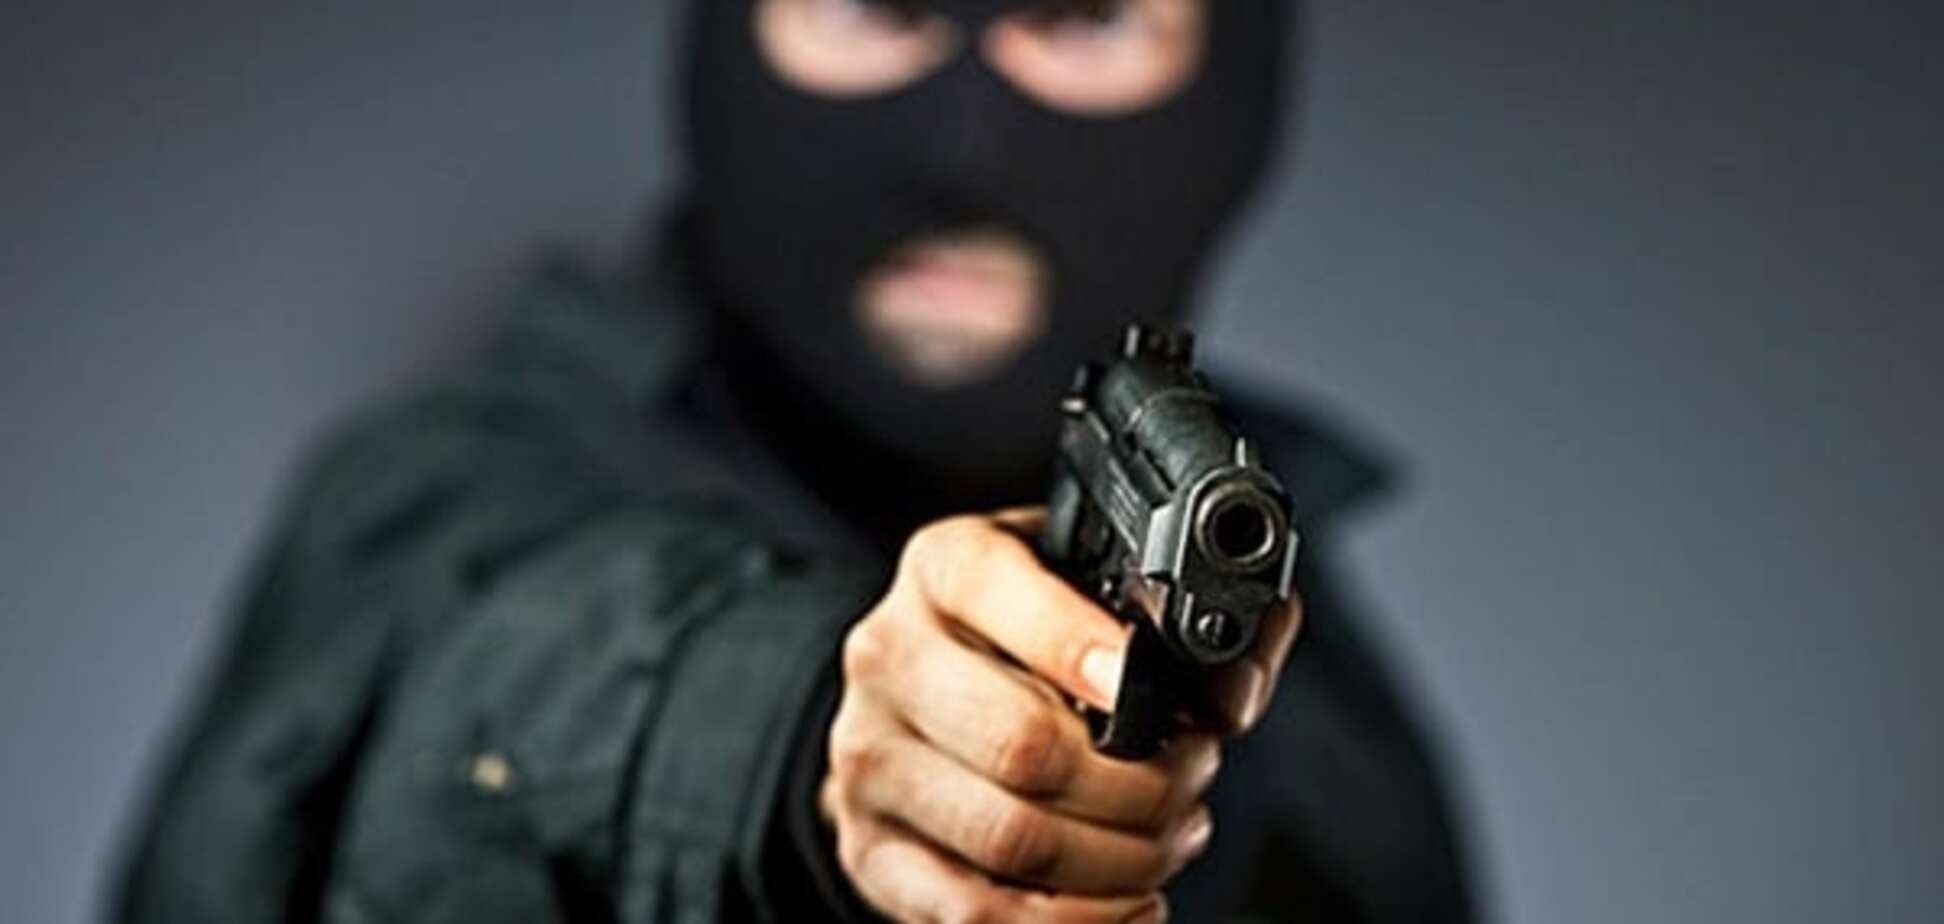 Пограбували на 1 млн грн: у Києві група озброєних людей напала на чоловіка